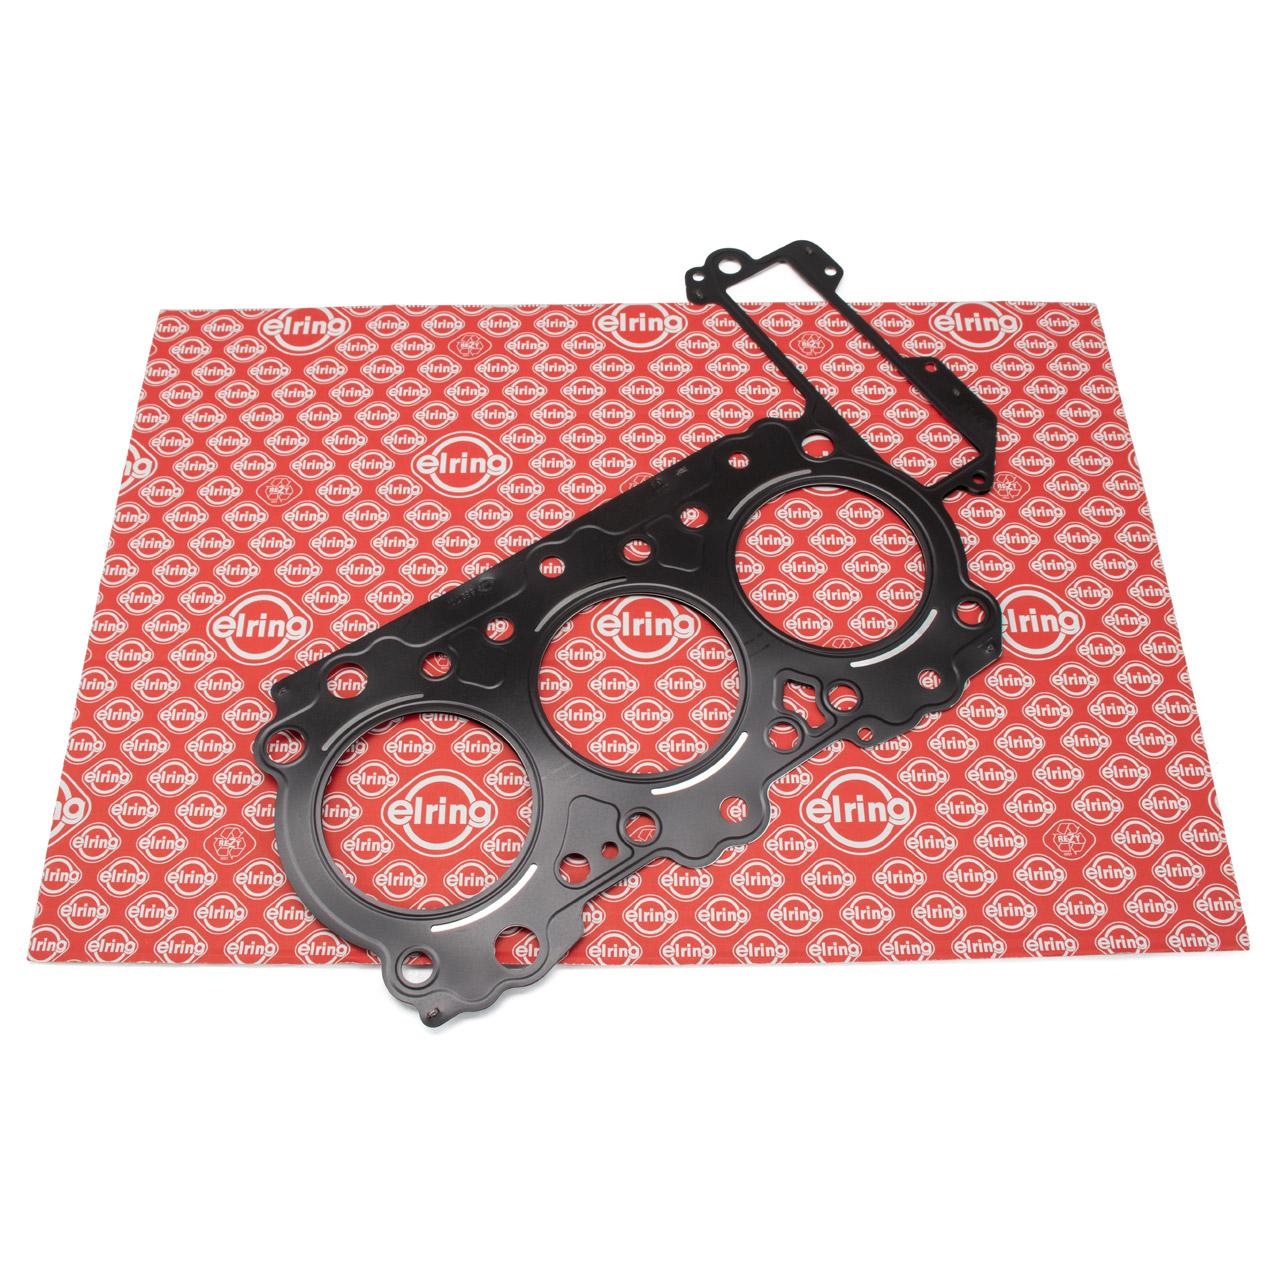 ELRING 530.701 Zylinderkopfdichtung für PORSCHE 911 996 3.4 Carrera 4 301/320 PS